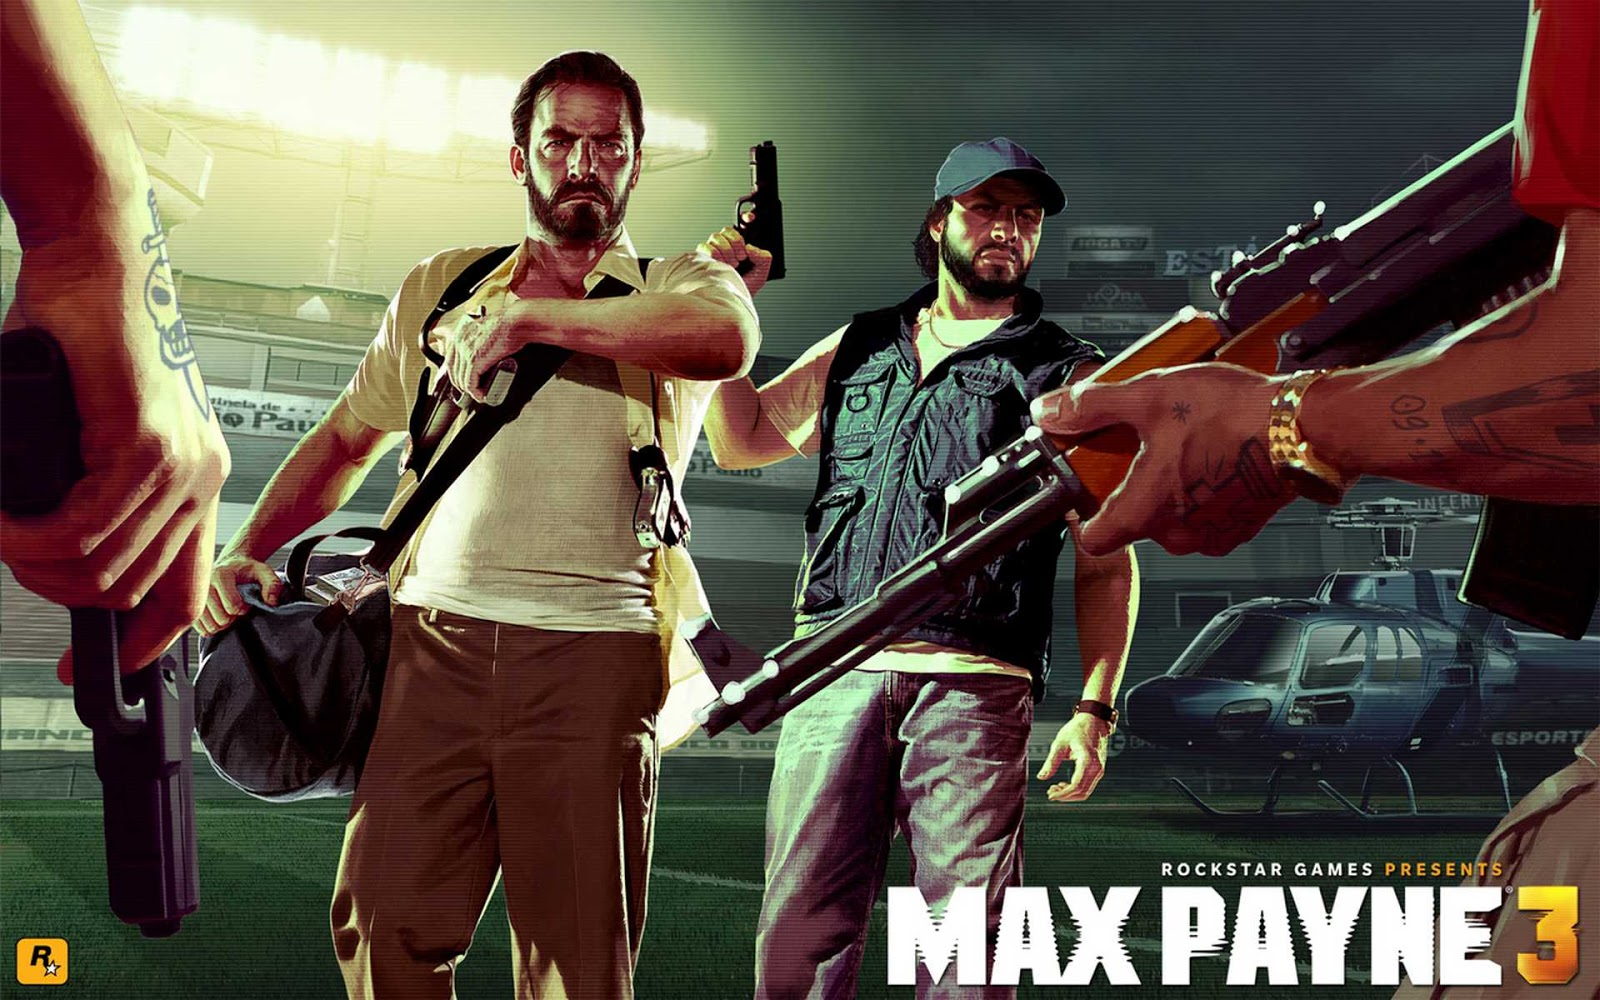 http://3.bp.blogspot.com/-6HEGf0M7Mnw/UNdOkkZNGOI/AAAAAAAAq3I/Krc62kRiz-I/s1600/1920x1200+Wallpaper+-+Max+Payne+3+-+128646-max-payne-max-payne-3-black-box-repack.jpg